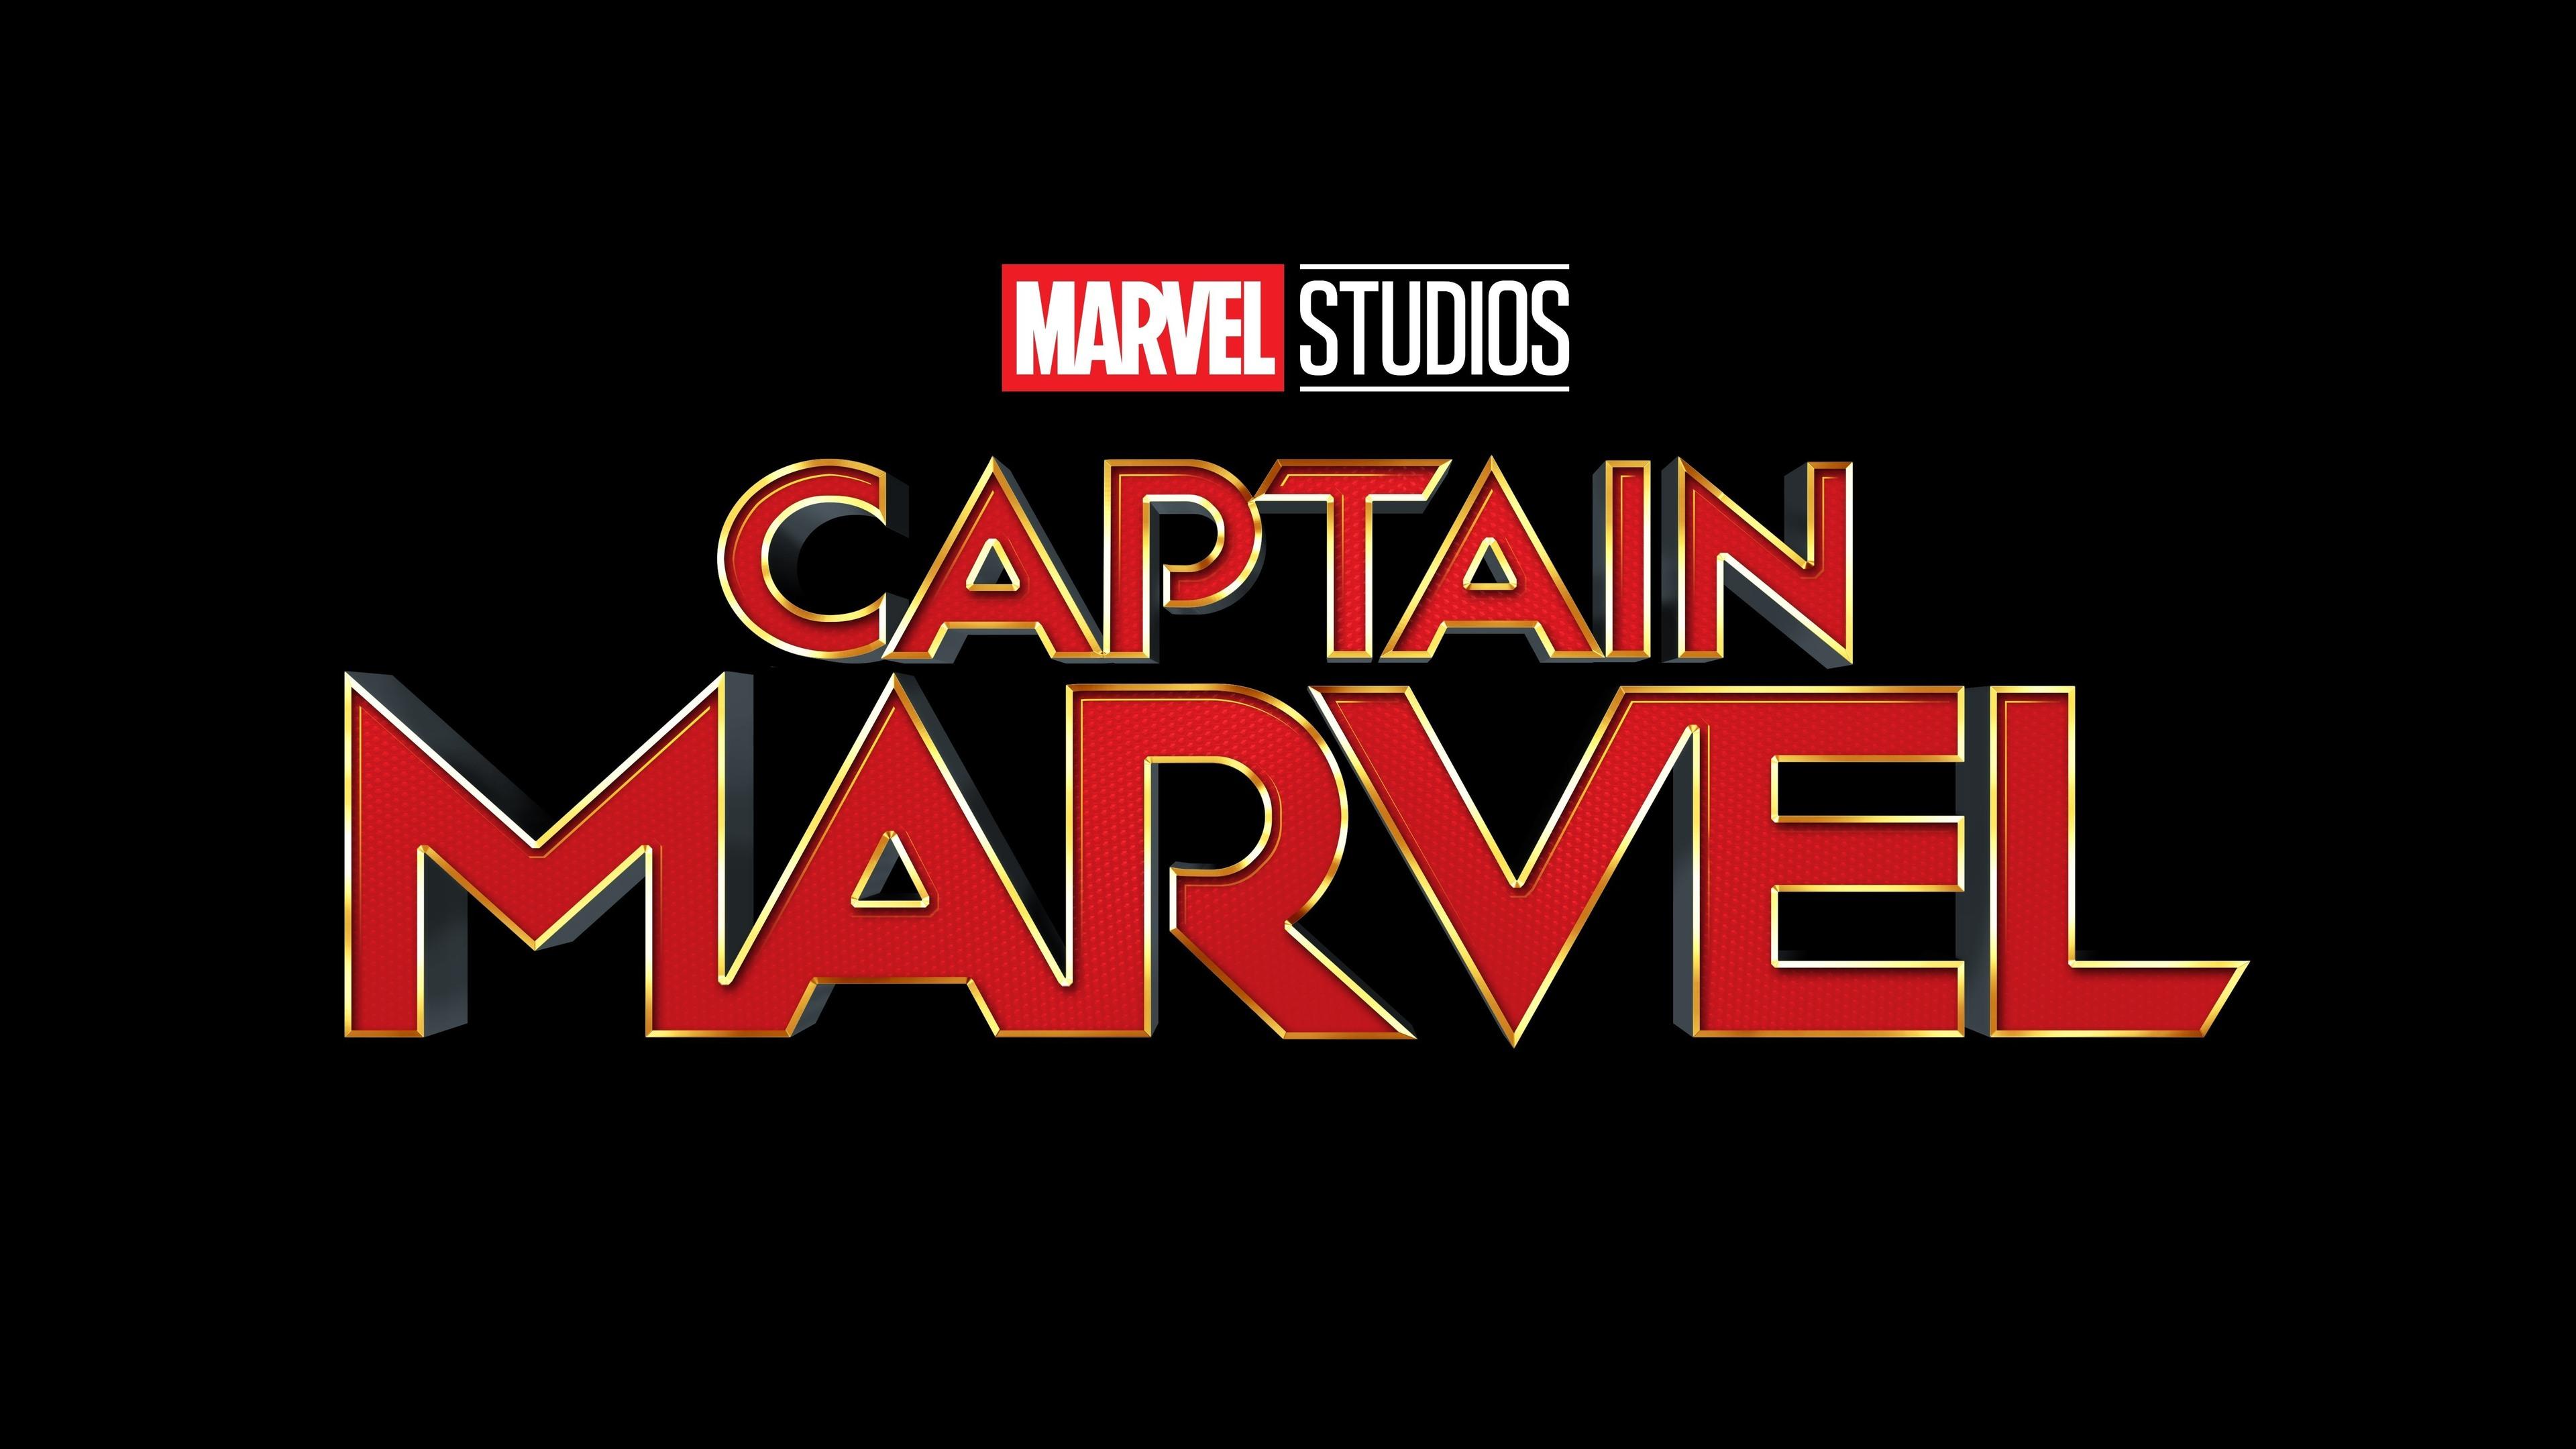 captain marvel movie 2019 5k logo 1537644294 - Captain Marvel Movie 2019 5k Logo - movies wallpapers, logo wallpapers, hd-wallpapers, captain marvel wallpapers, captain marvel movie wallpapers, 5k wallpapers, 4k-wallpapers, 2019 movies wallpapers